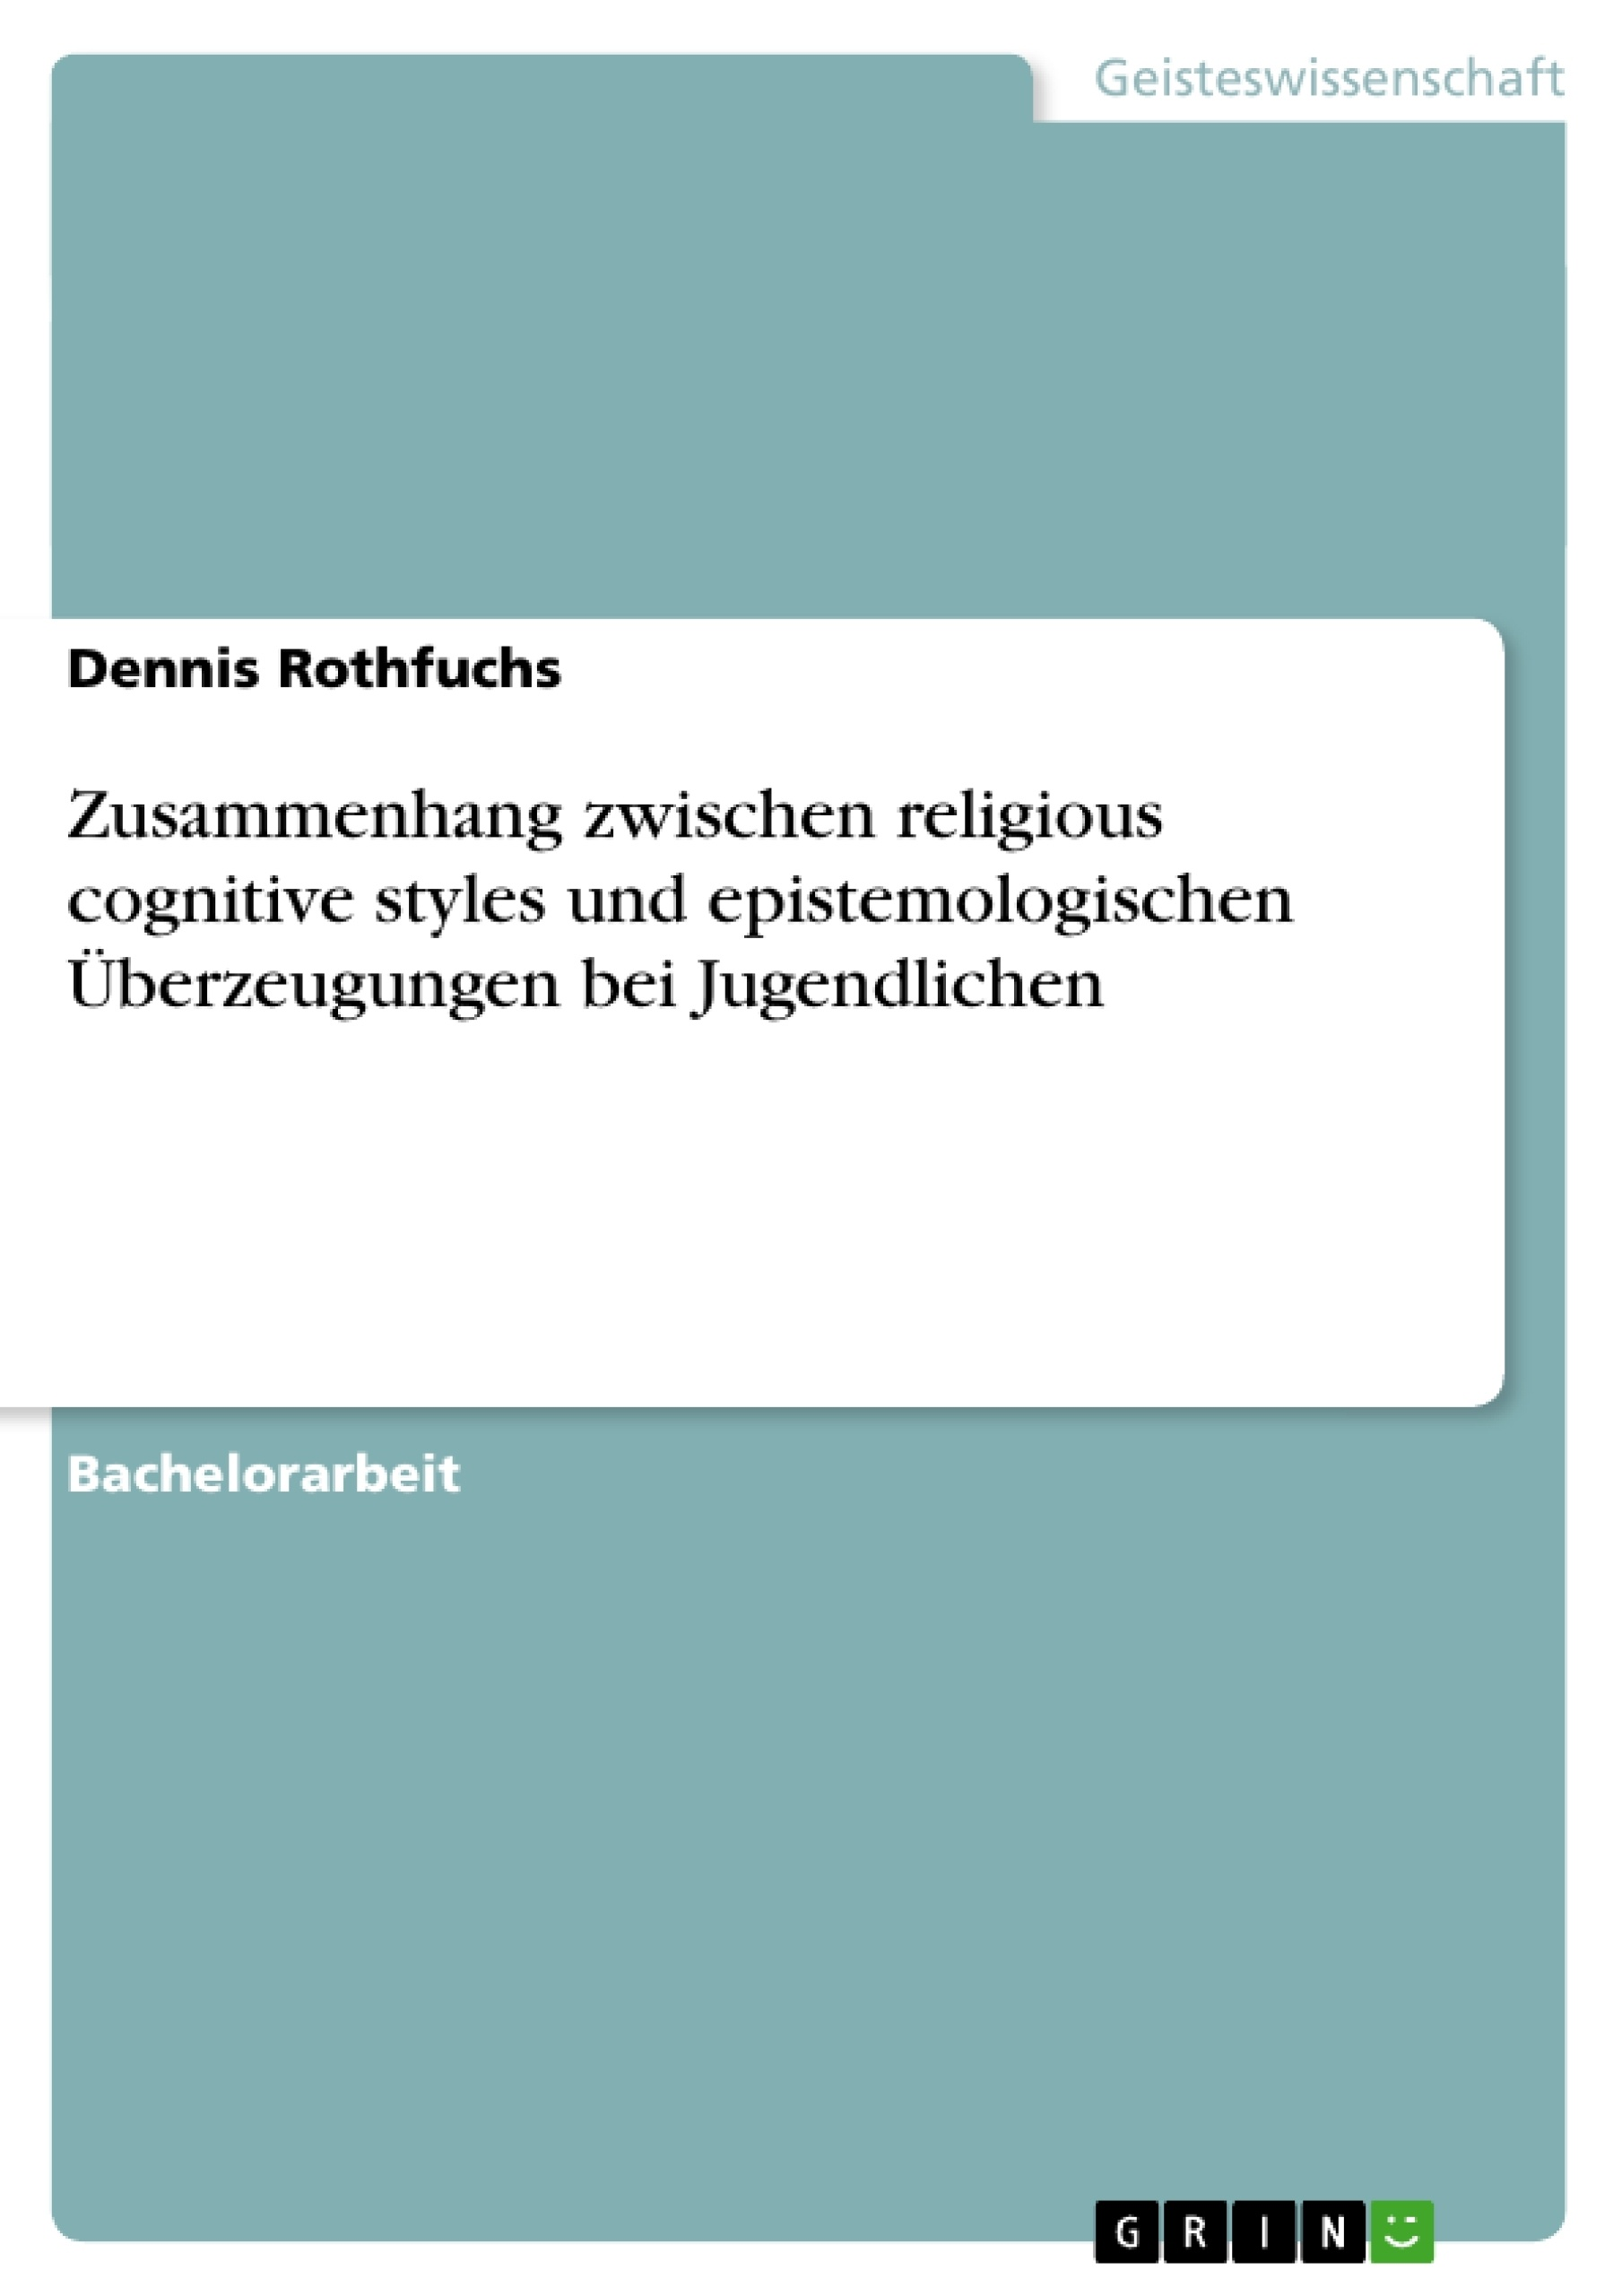 Titel: Zusammenhang zwischen religious cognitive styles und epistemologischen Überzeugungen bei Jugendlichen